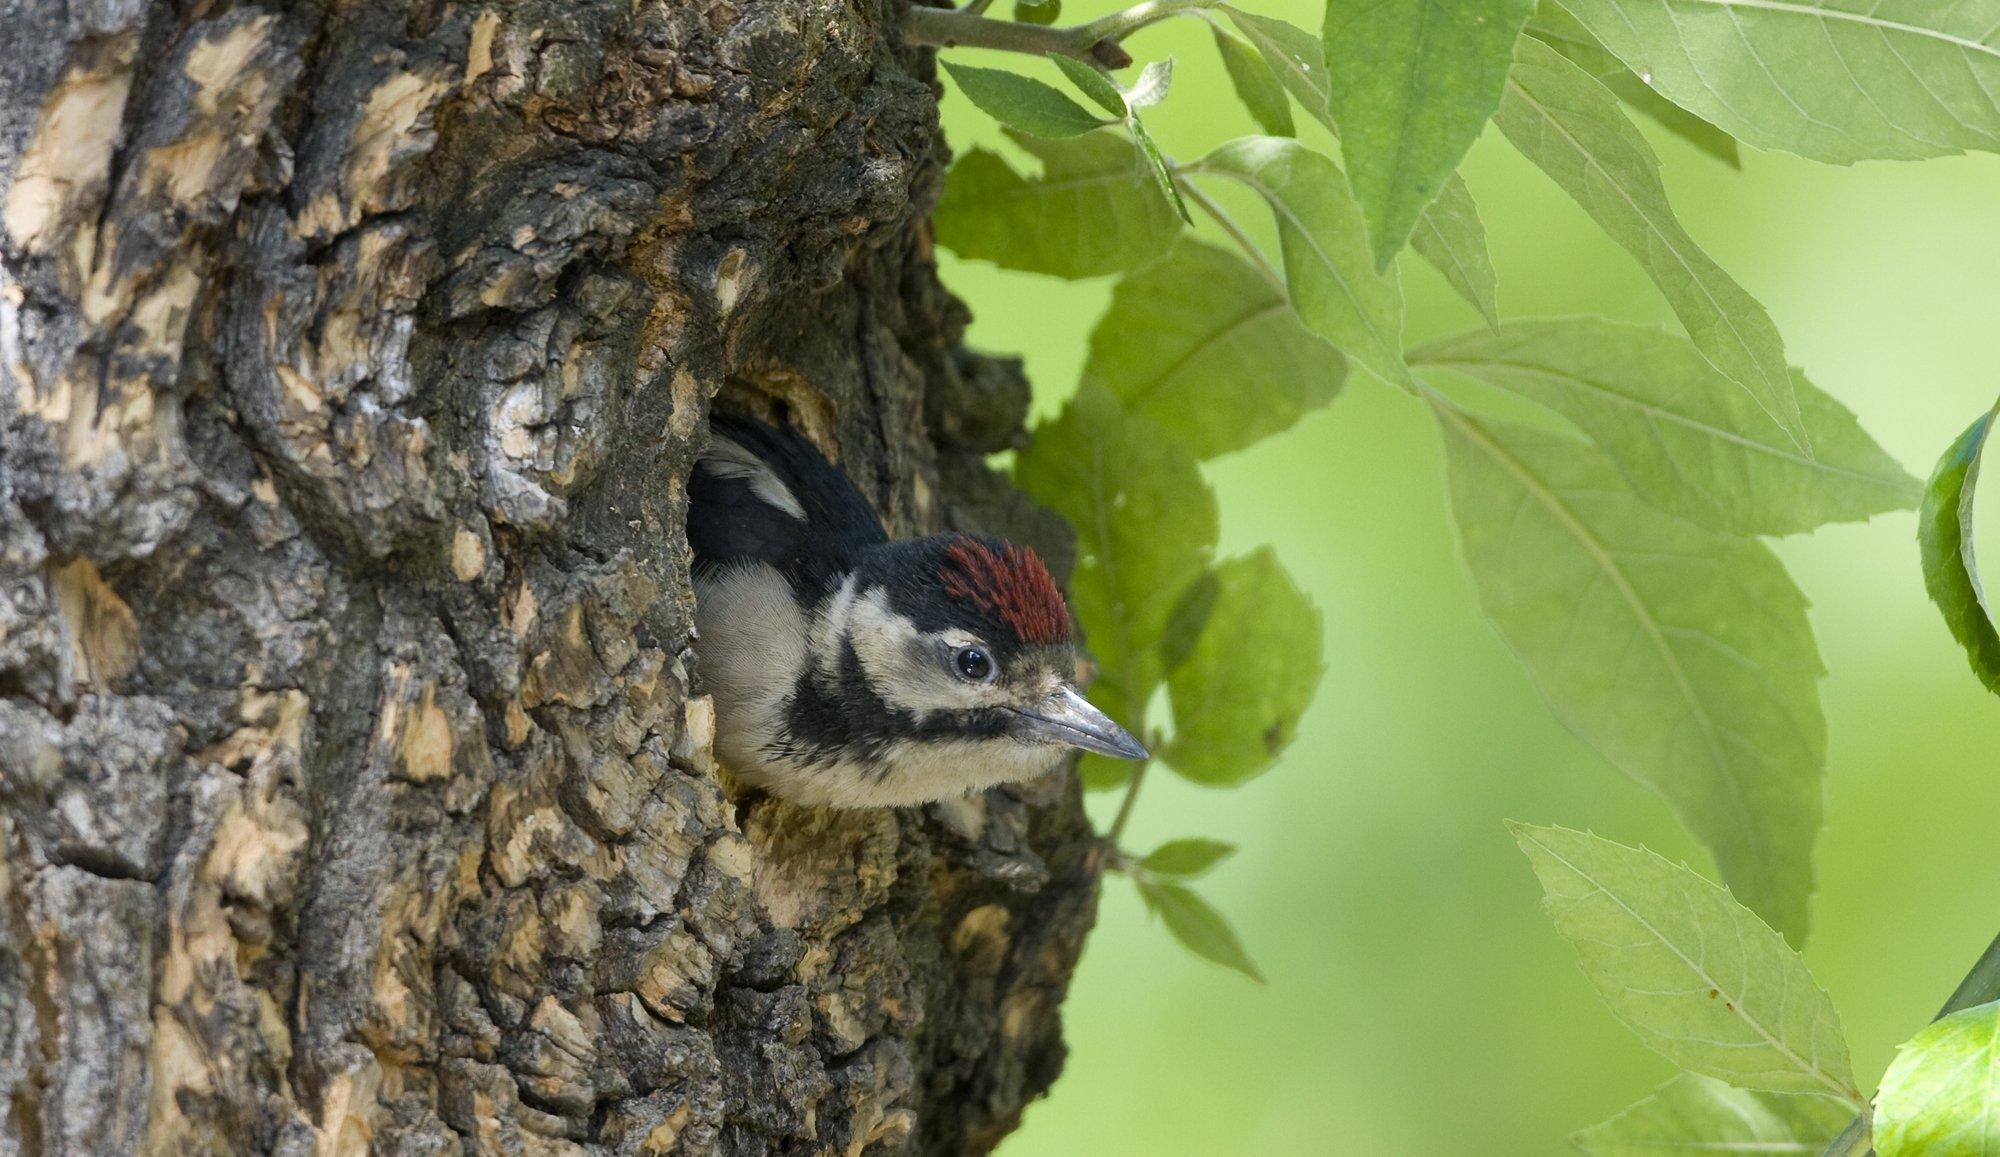 Ein Buntspecht schaut mit dem Kopf aus einer Baumhöhle heraus